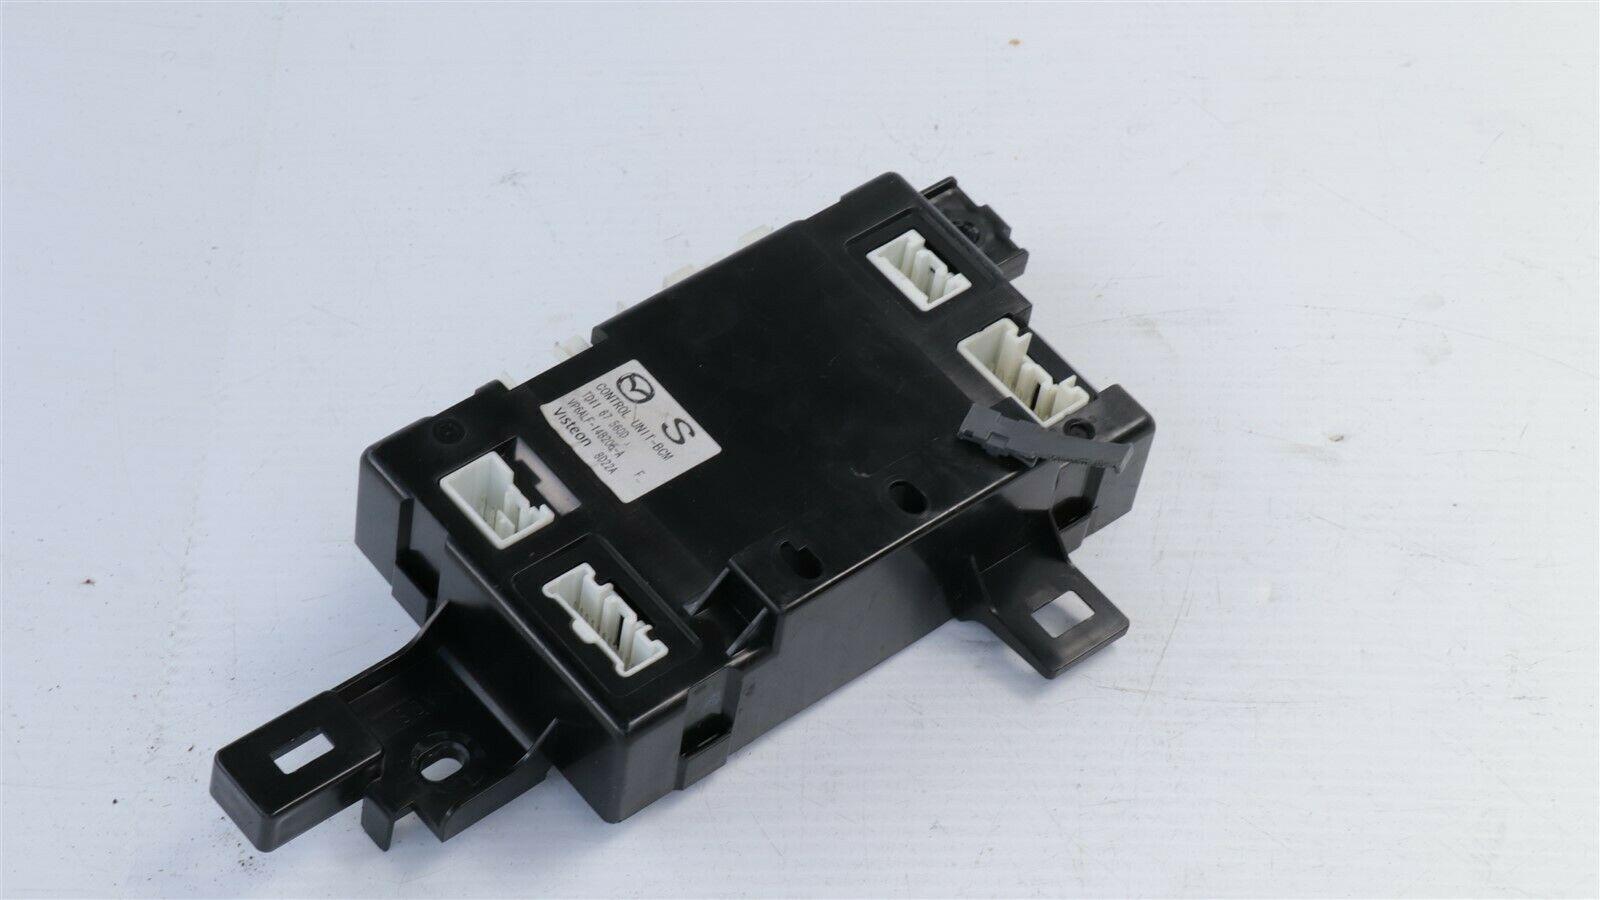 Mazda CX-9 BCM Body Control Module VP6ALF-14B205-A TD11 67 560C